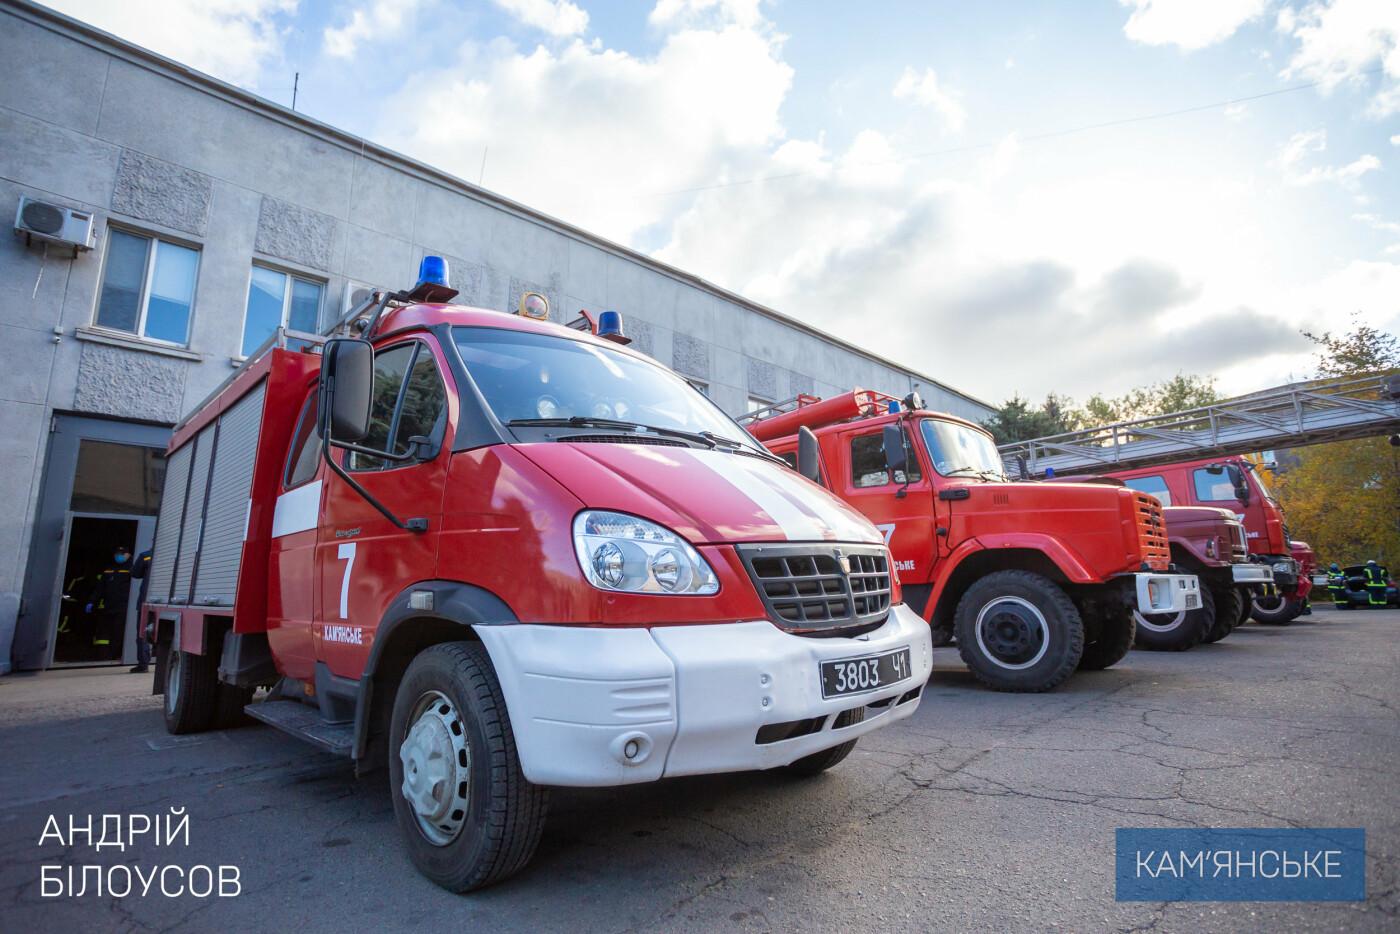 Спасателей Каменского наградили за тушение пожара в Луганской области, фото-4